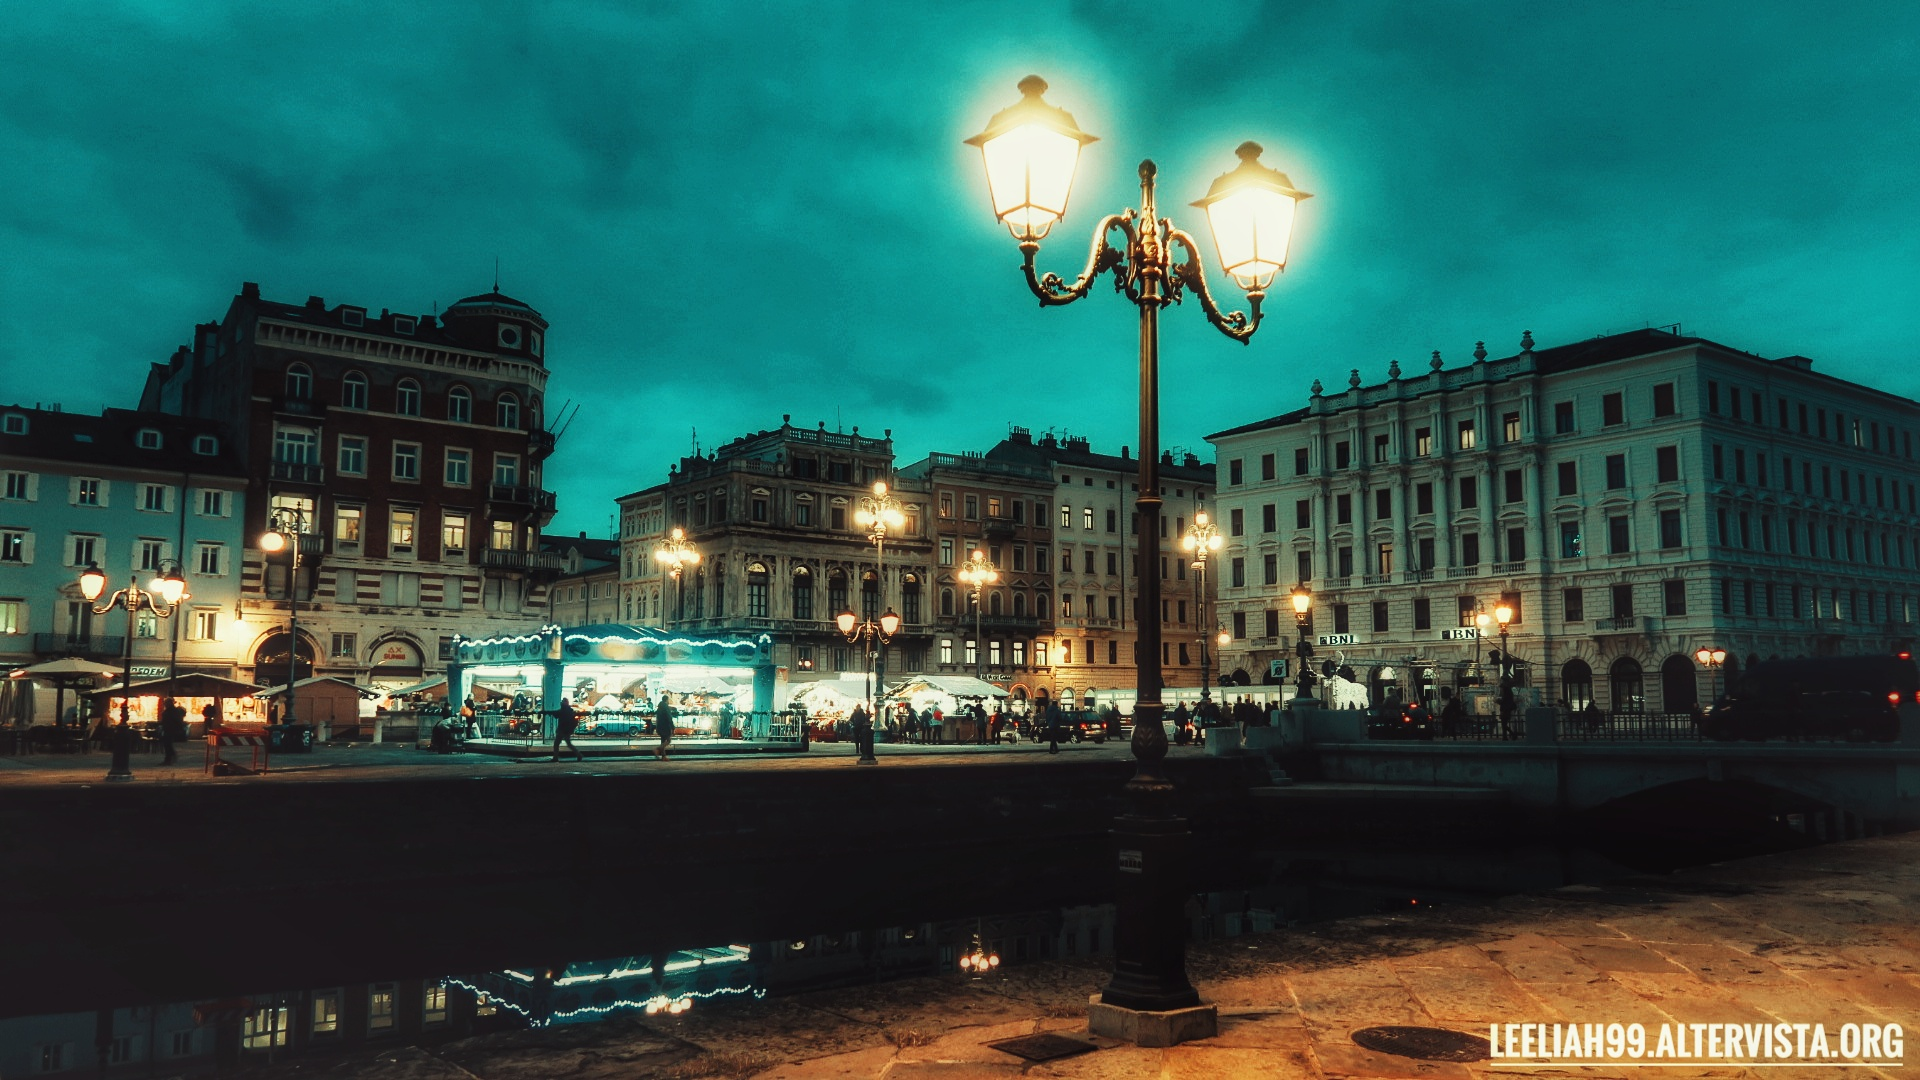 Giostra e pista di pattinaggio a Ponterosso, Trieste - Natale 2019 © leeliah99.altervista.org